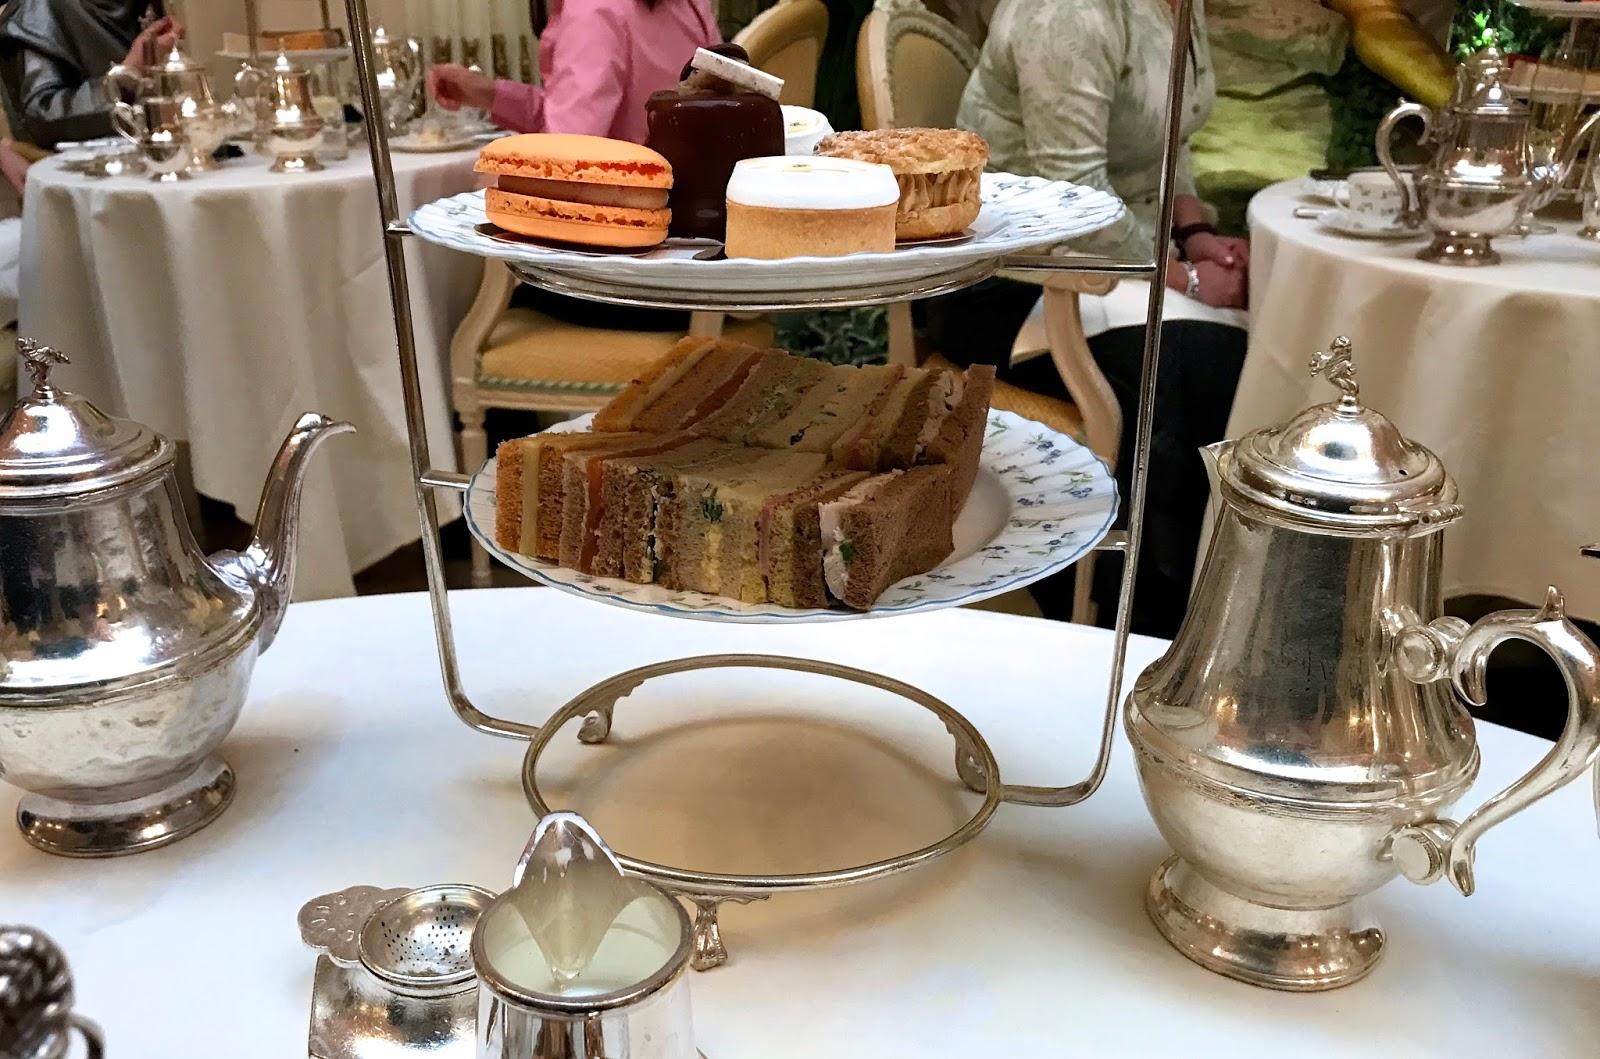 tea sandwiches, tart and macaroon